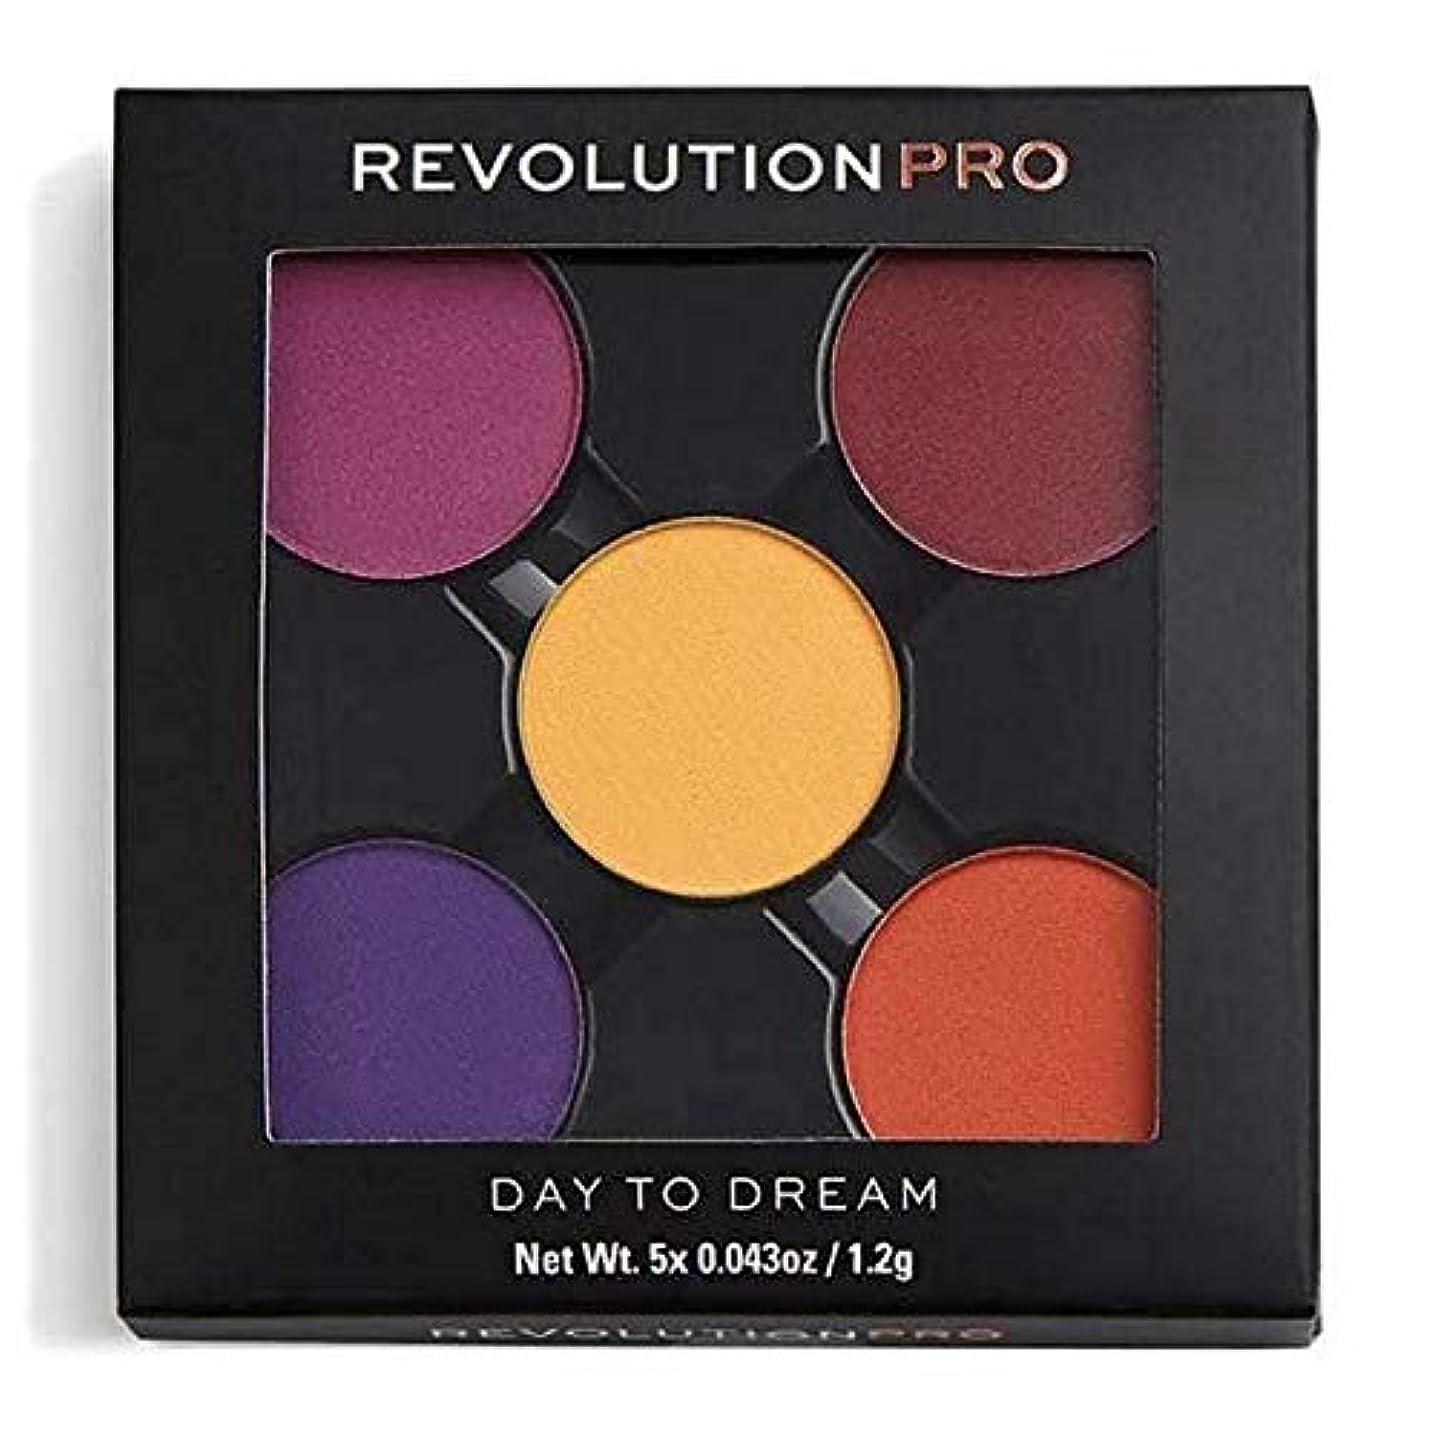 セラフ検索エンジン最適化ヒューム[Revolution ] 夢への革命プロリフィルアイシャドウパック日 - Revolution Pro Refill Eyeshadow Pack Day To Dream [並行輸入品]